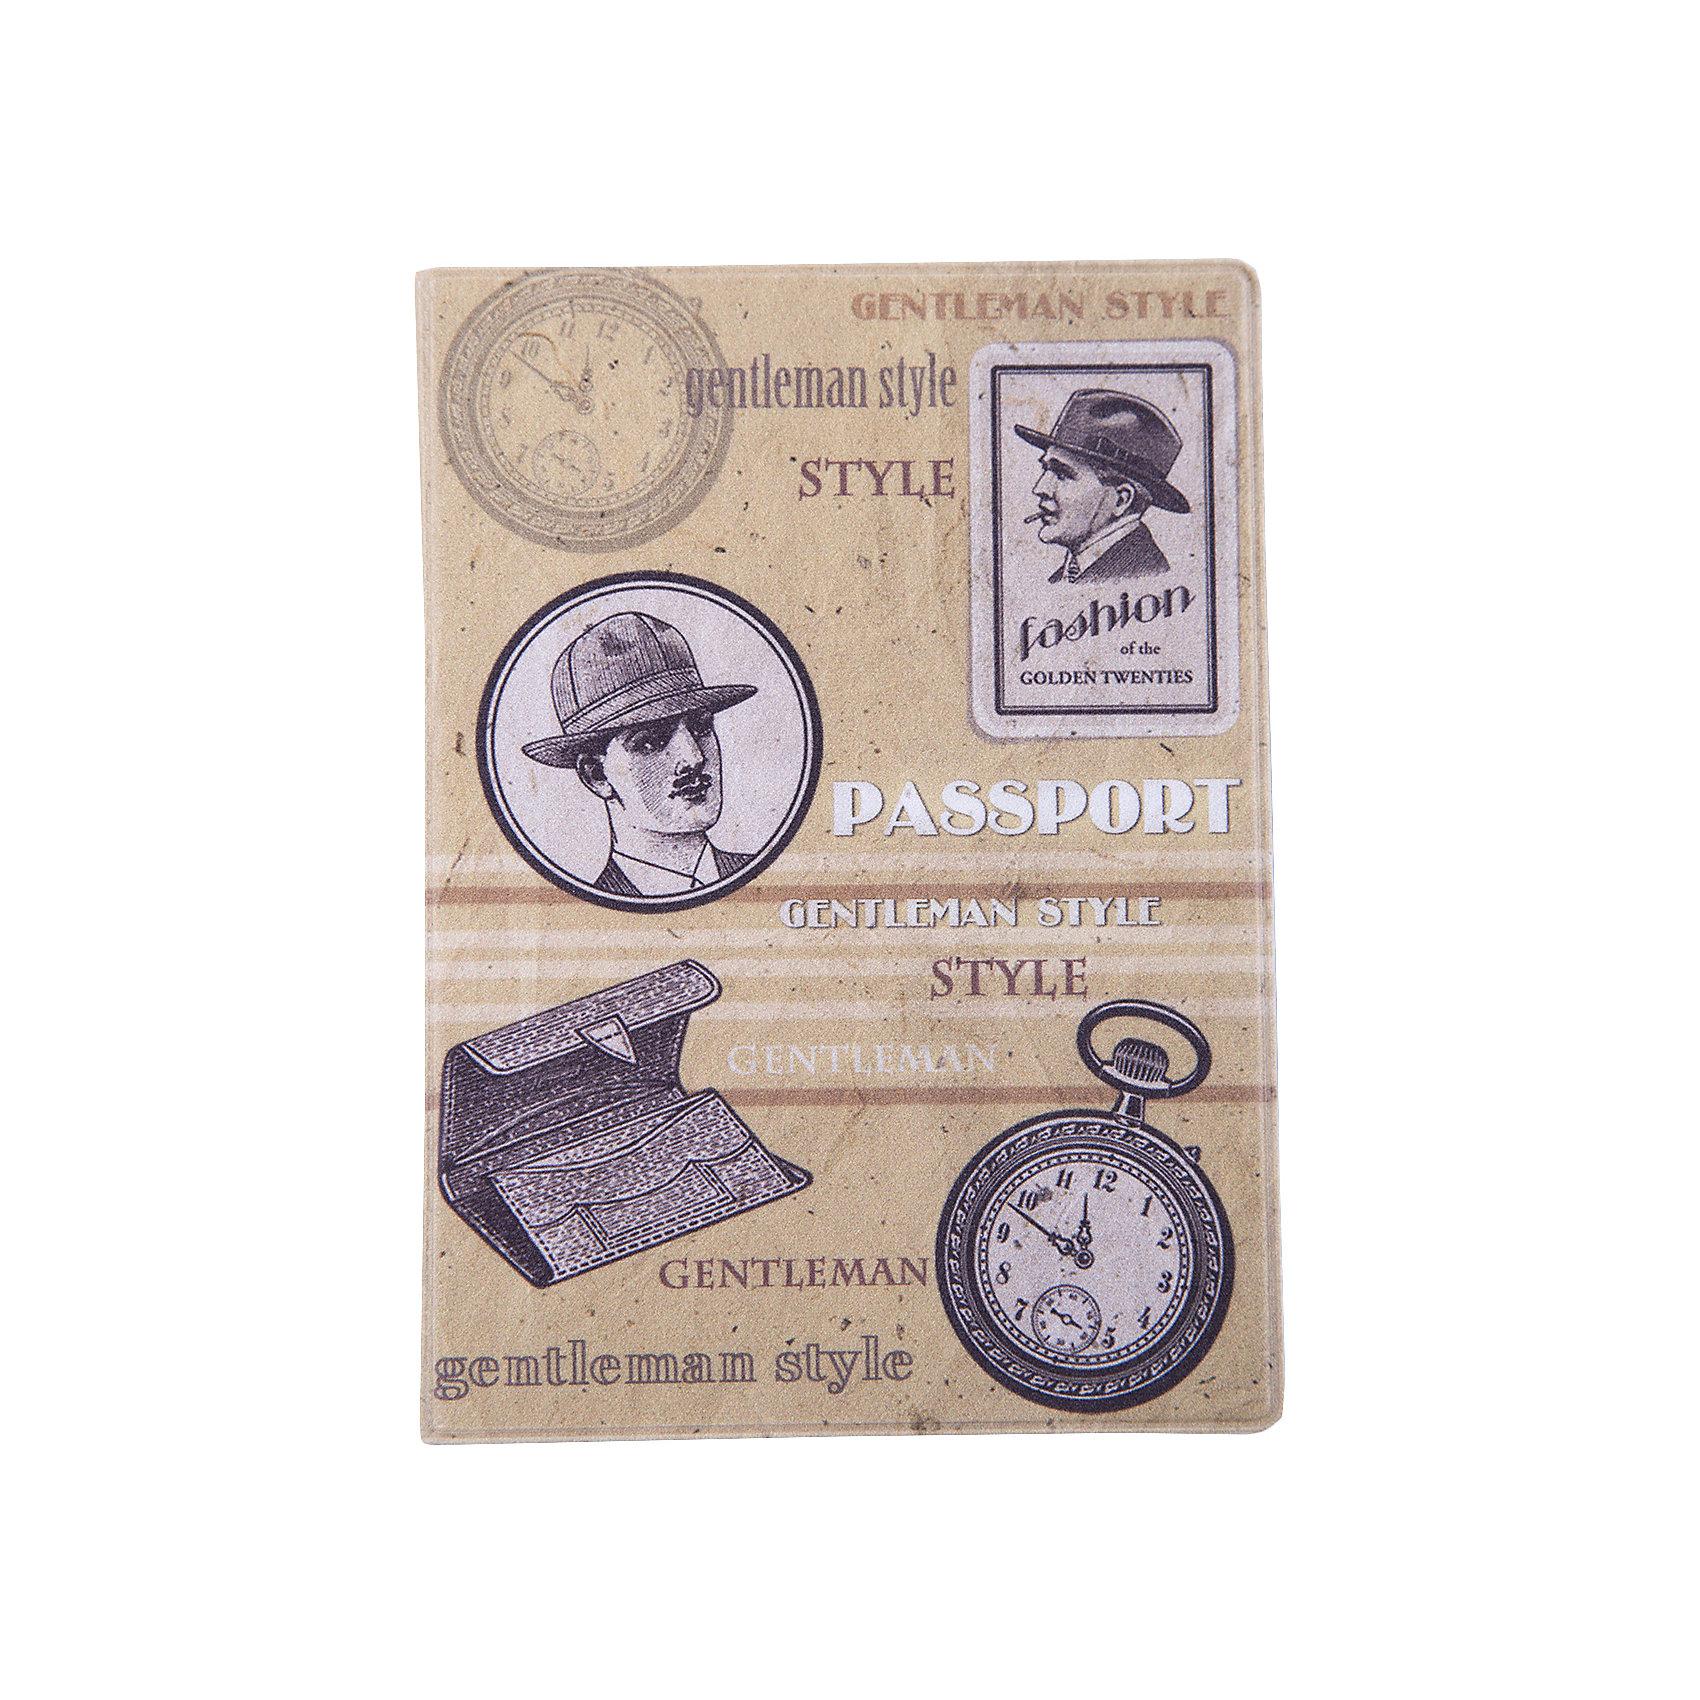 Обложка для паспорта Джентльмен, Феникс-ПрезентОбложка для паспорта Джентльмен, Феникс-Презент <br><br>Характеристики:<br><br>• оригинальный дизайн<br>• высокая прочность<br>• размер: 13,3х19,1 см<br>• материал: ПВХ<br><br>Обложка для паспорта Джентльмен отличается высокой износостойкостью и оригинальным дизайном. Она изготовлена из качественного прочного поливинилхлорида. На обложке изображены картинки с портретами и различными предметами в стиле ретро. Обложка надежно защитит ваши документы от намокания и истираний.<br><br>Обложку для паспорта Джентльмен, Феникс-Презент вы можете купить в нашем интернет-магазине.<br><br>Ширина мм: 133<br>Глубина мм: 191<br>Высота мм: 50<br>Вес г: 35<br>Возраст от месяцев: 168<br>Возраст до месяцев: 2147483647<br>Пол: Унисекс<br>Возраст: Детский<br>SKU: 5449596